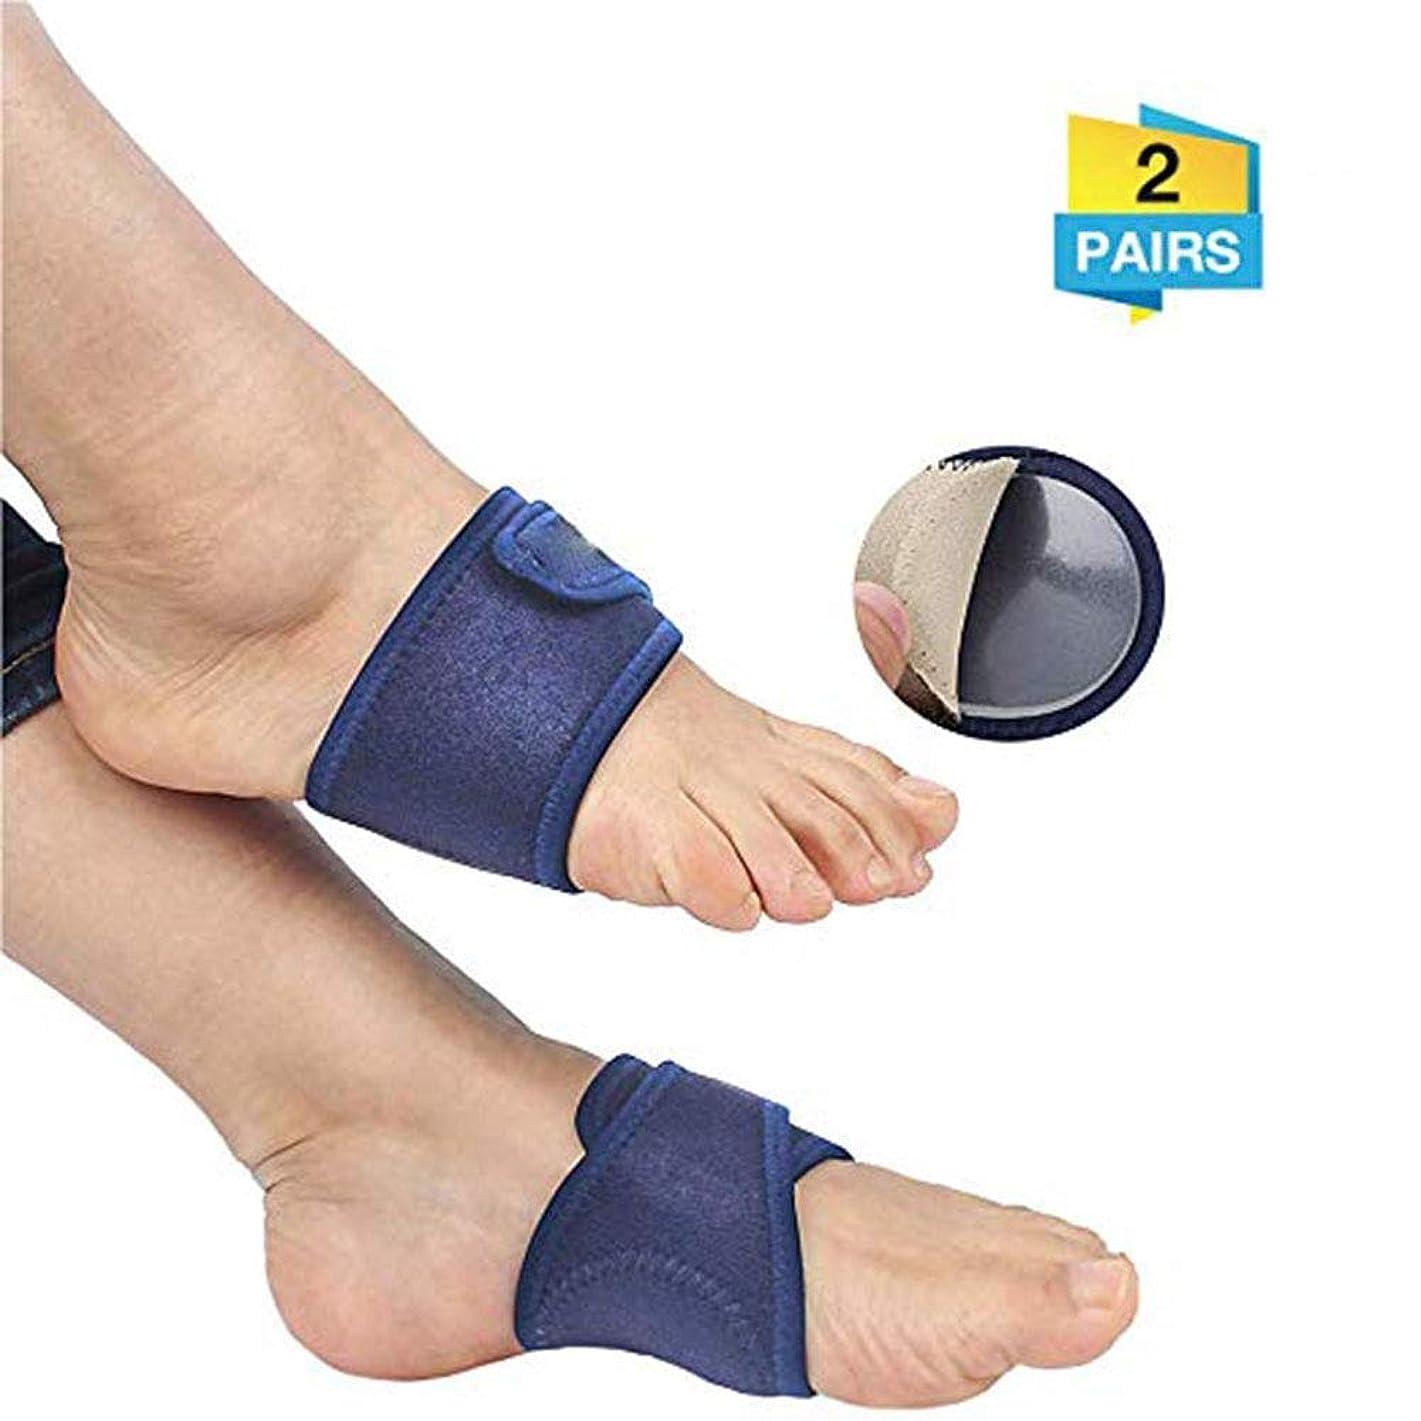 リーダーシップ校長裏切り者アーチサポートパッド シューインサート にとって 高アーチ、 通気性 スポンジマット 青 フットパッド アーチストラップ、 平らな足の痛み、 キャバスフット、 足底筋膜炎 (2ペア)